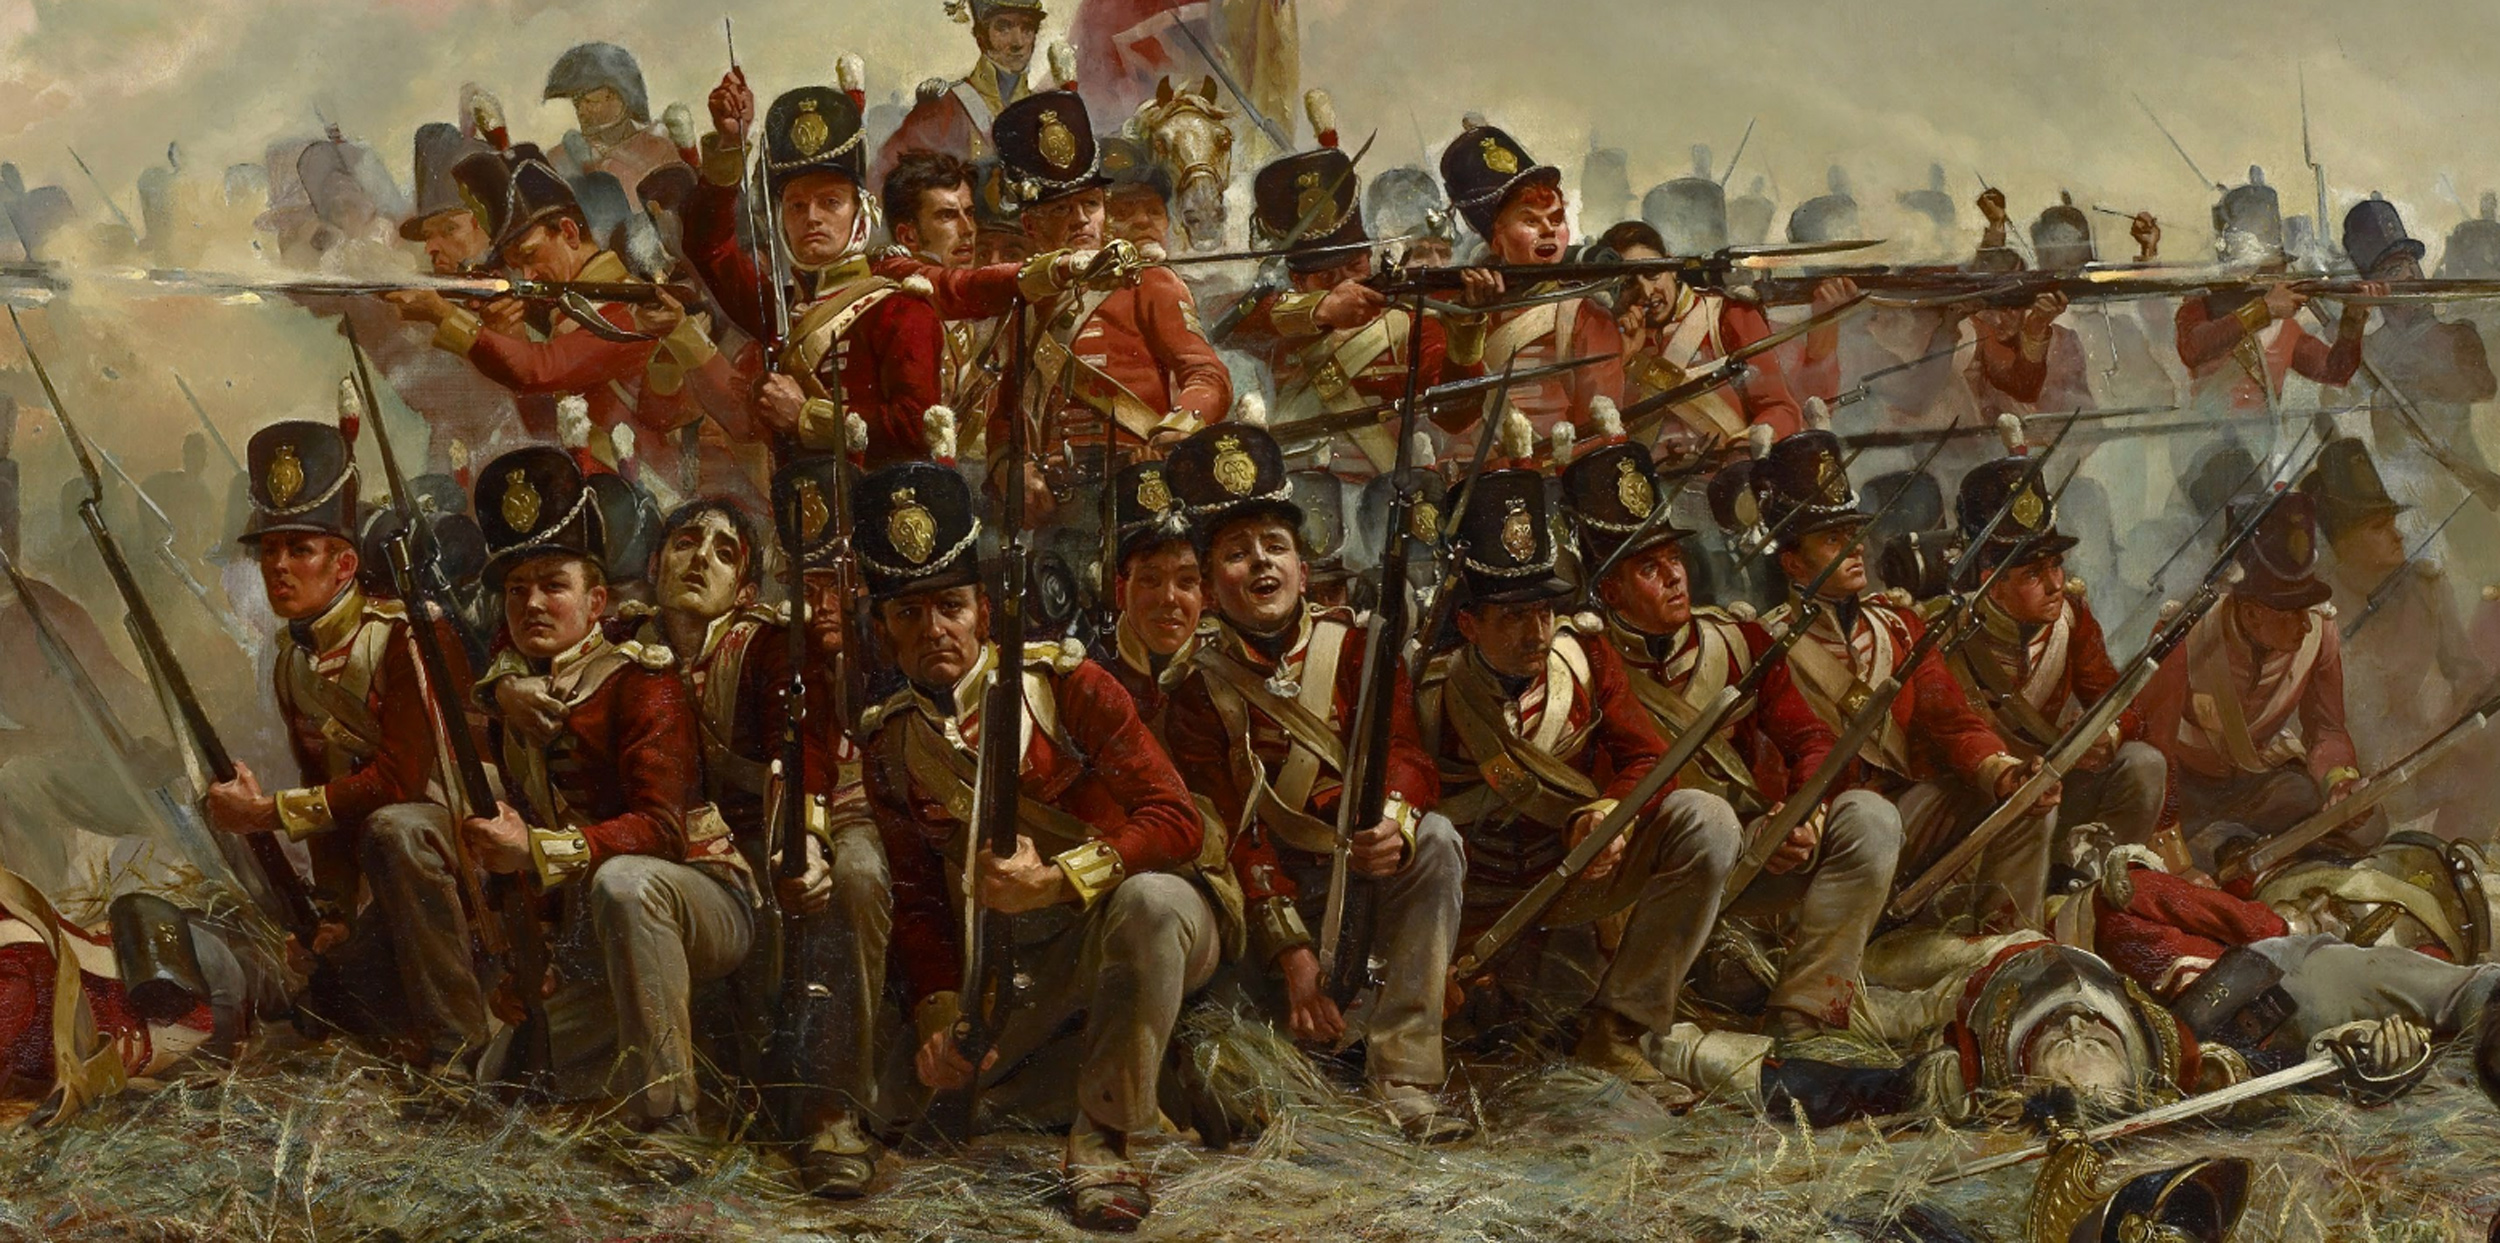 High Resolution Wallpaper | Battle Of Quatre Bras 2500x1243 px